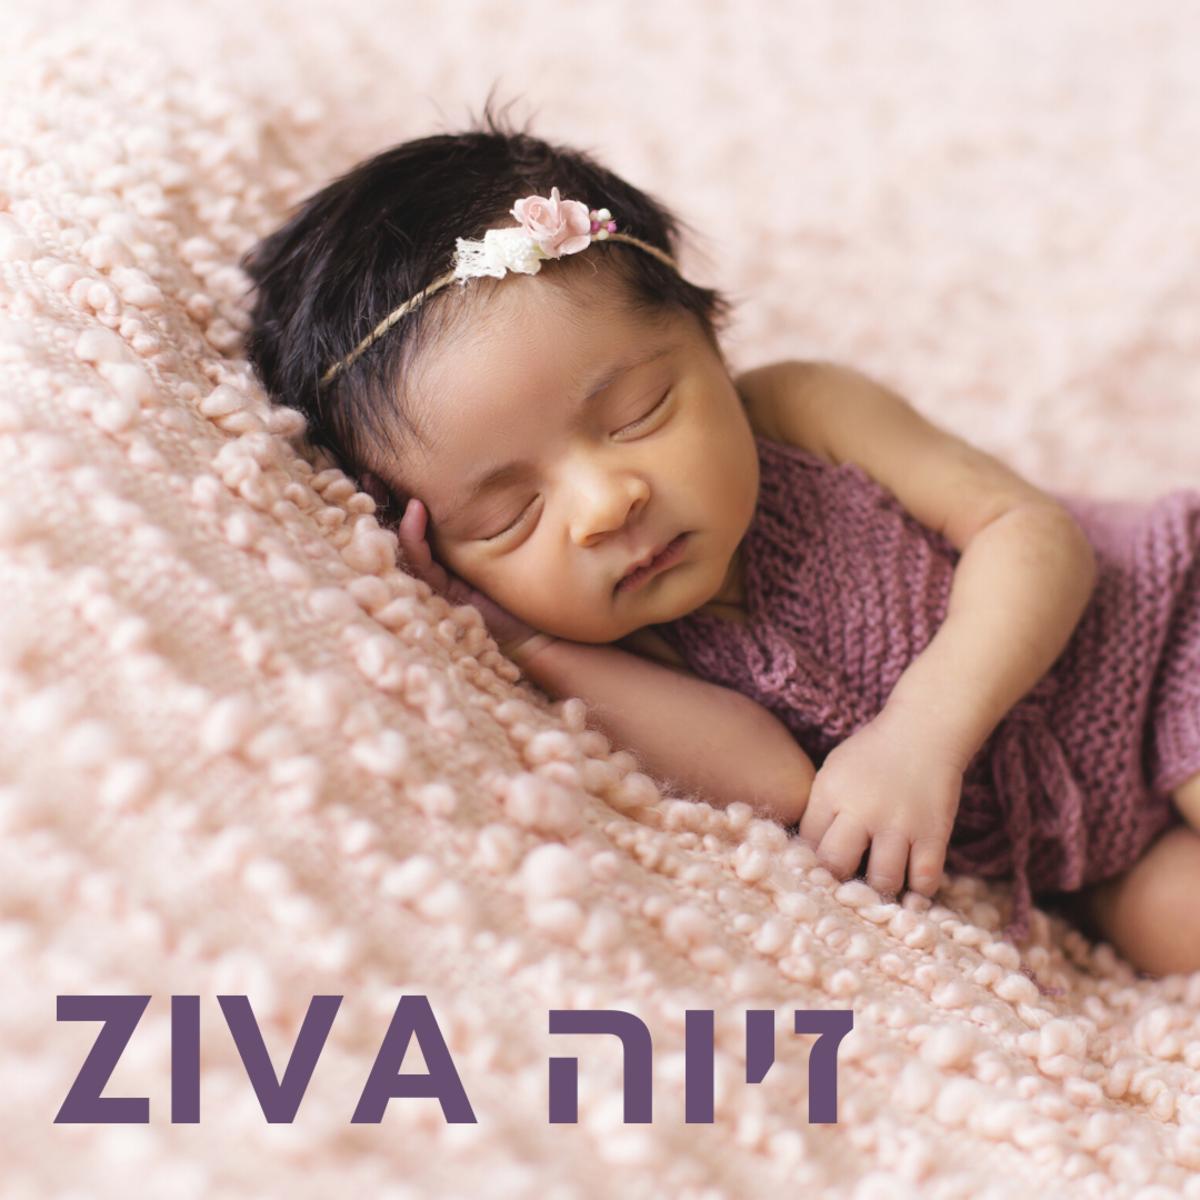 Baby Ziva